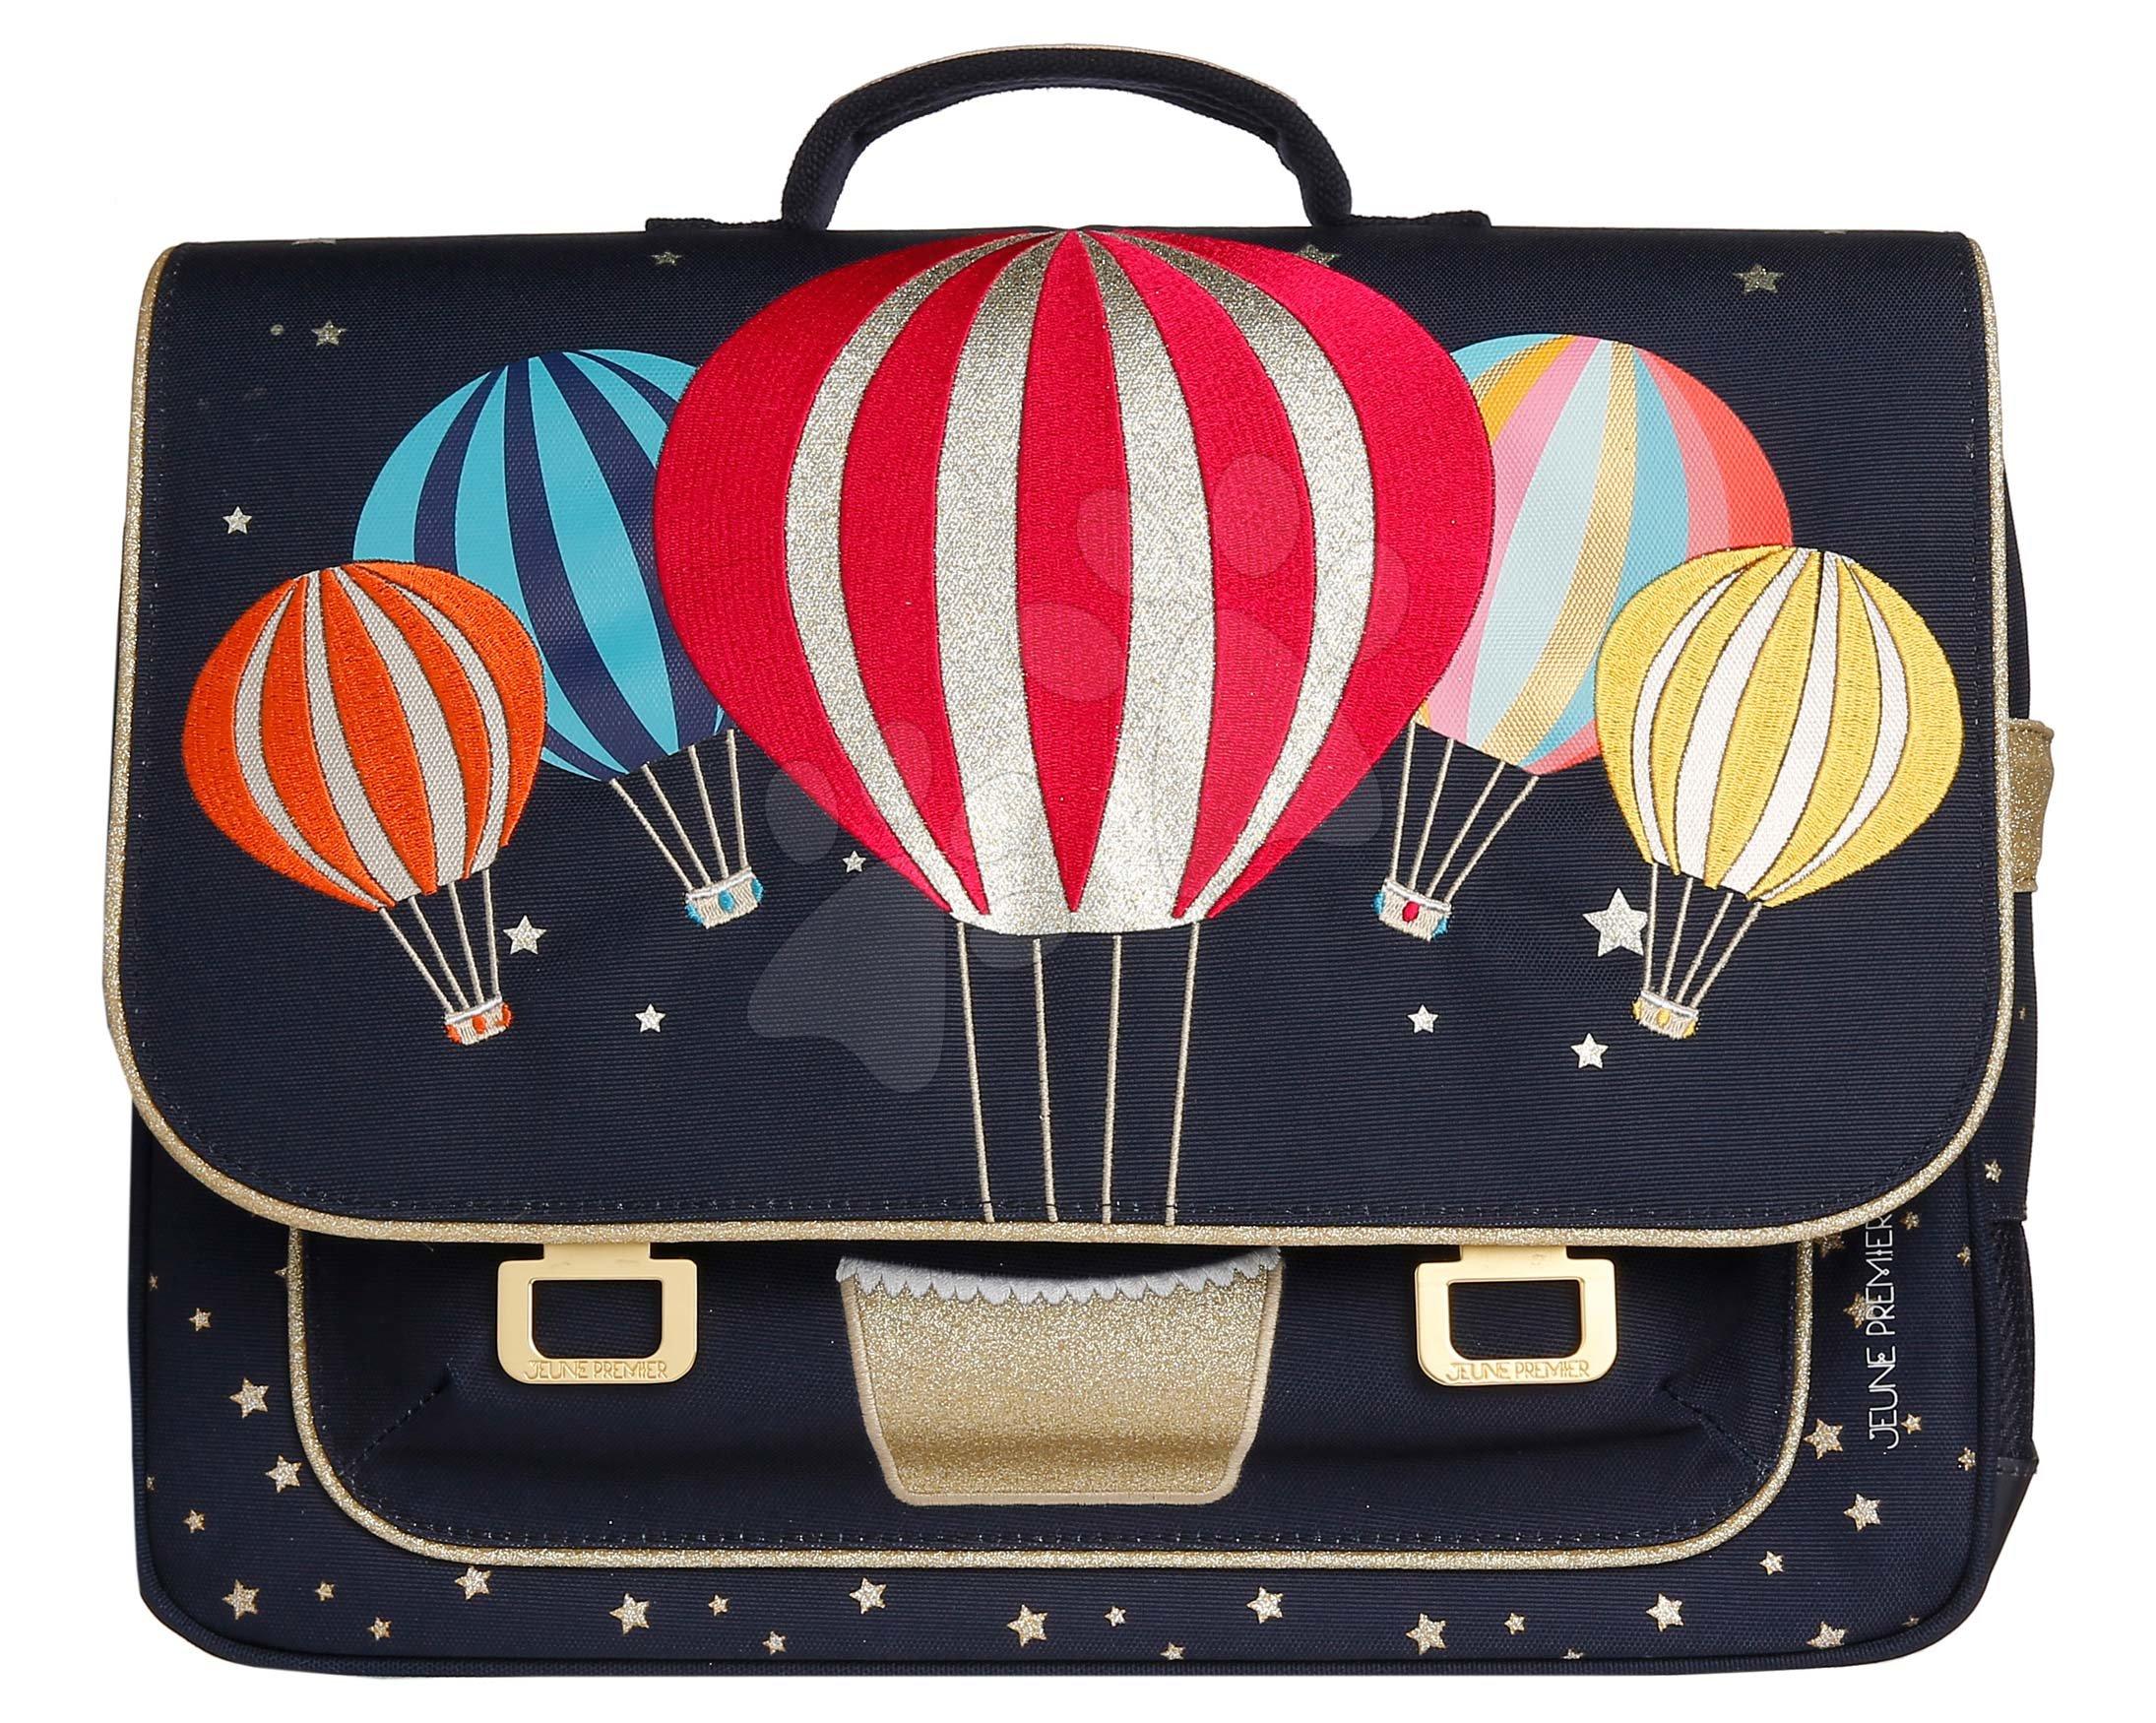 Školske aktovke - Školská aktovka It bag Midi Balloons Jeune Premier ergonomická luxusné prevedenie 30*38 cm JPITD21165